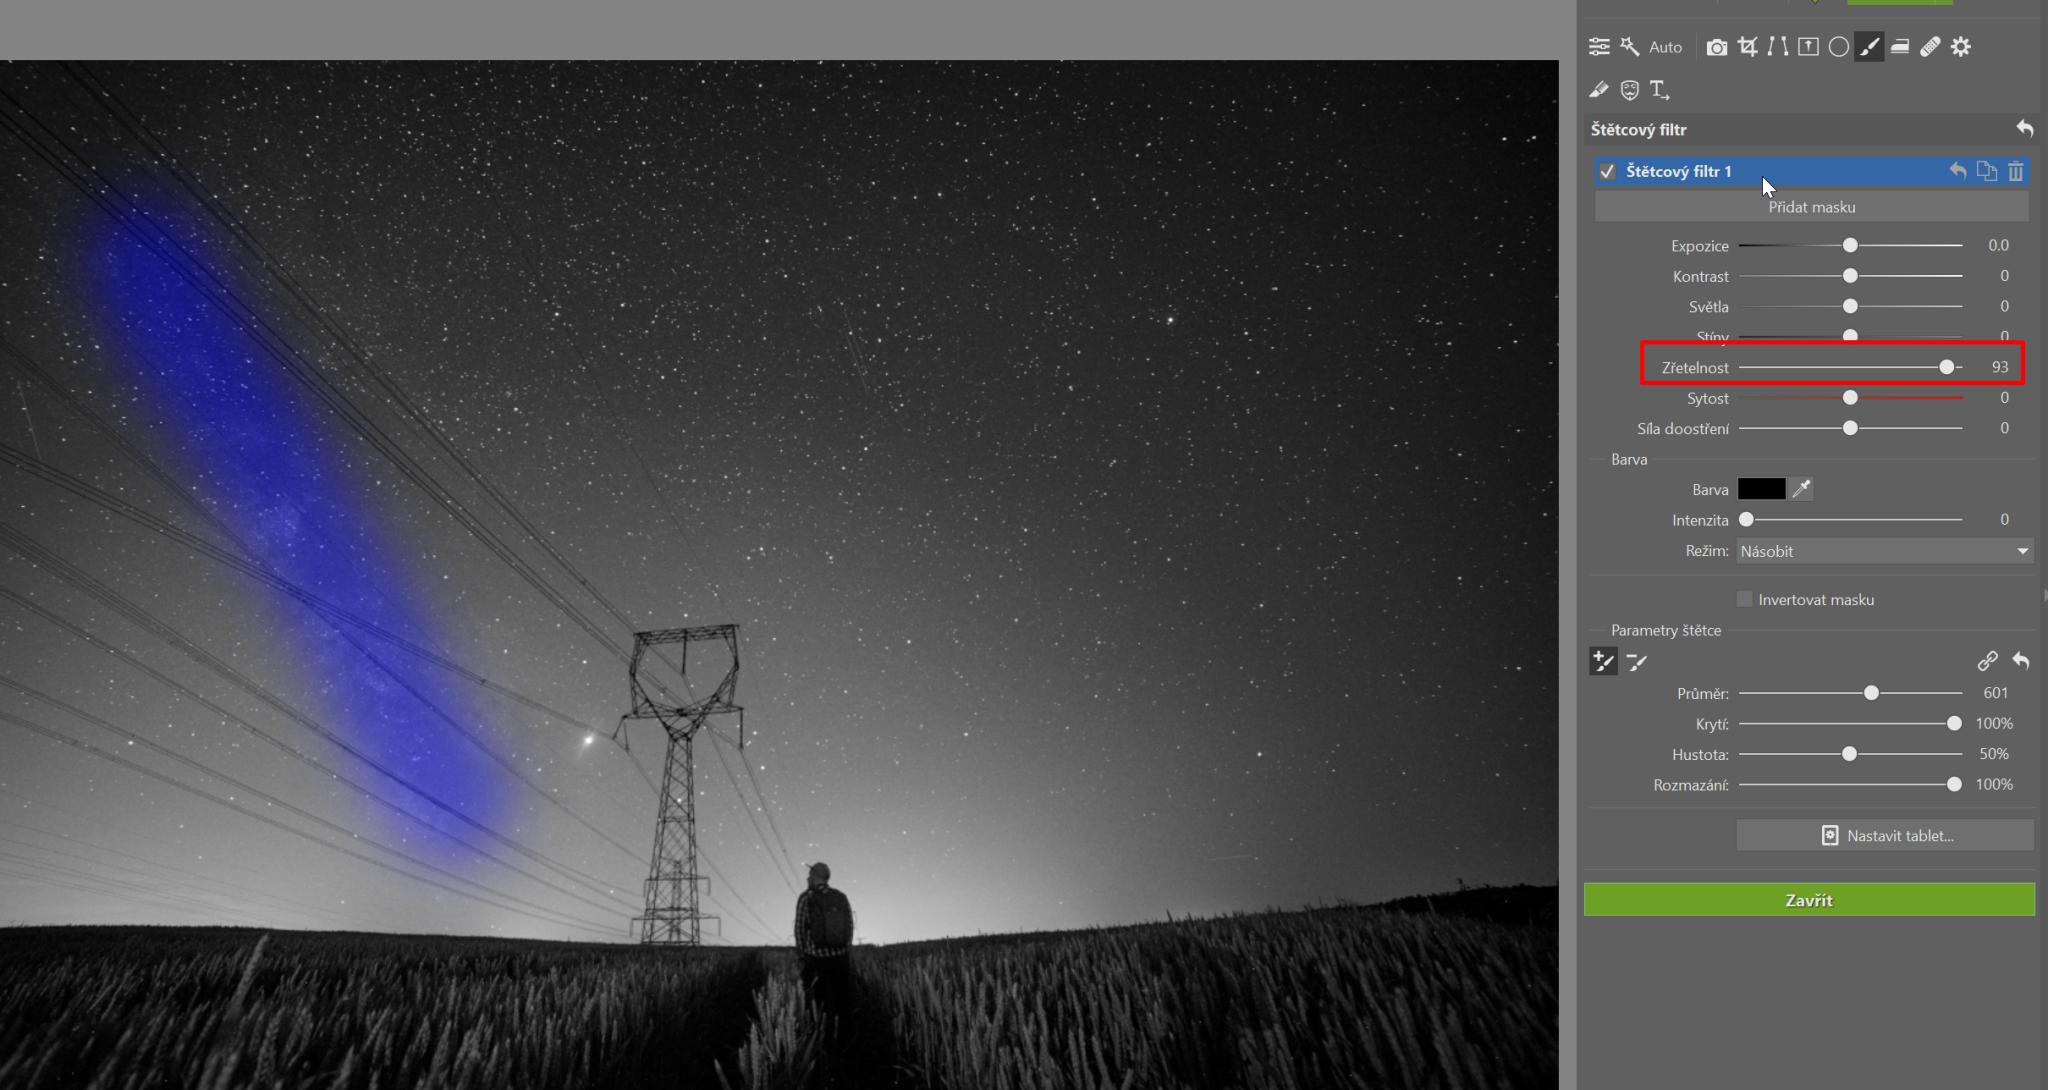 Fotky noční oblohy: mléčná dráha